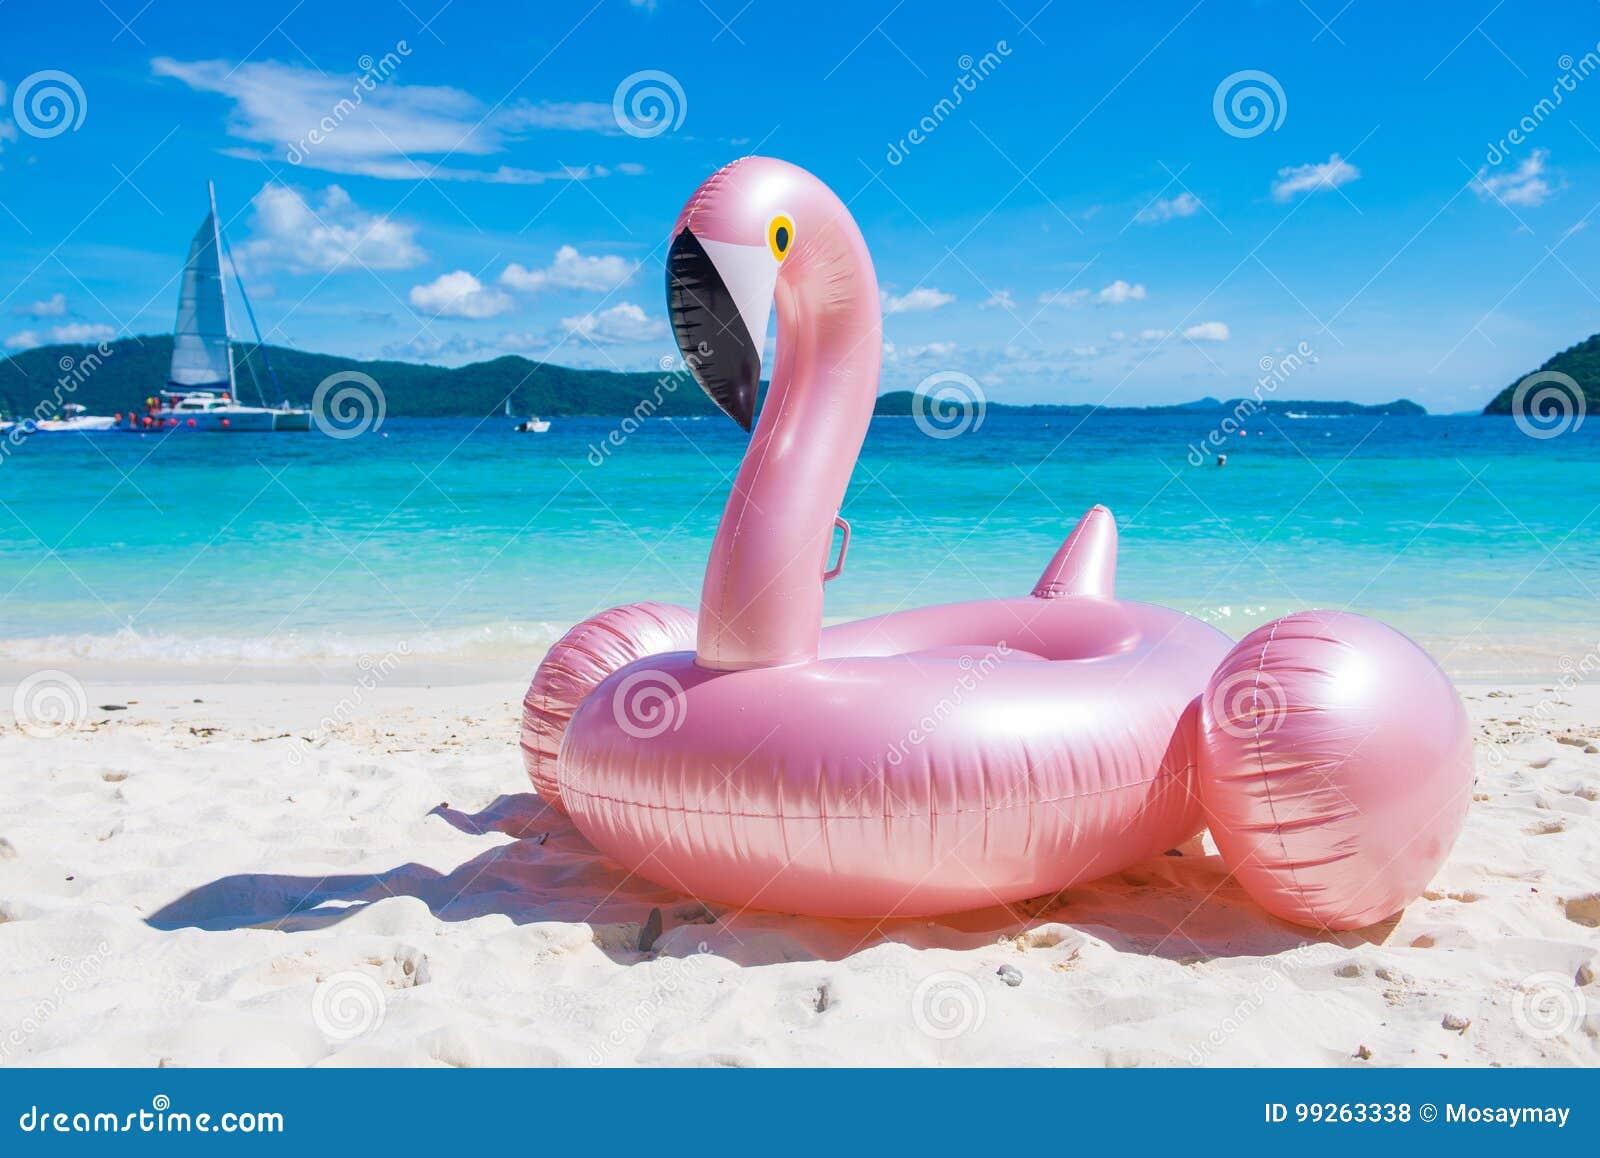 在热带的巨型可膨胀的桃红色火鸟水池浮游物玩具是